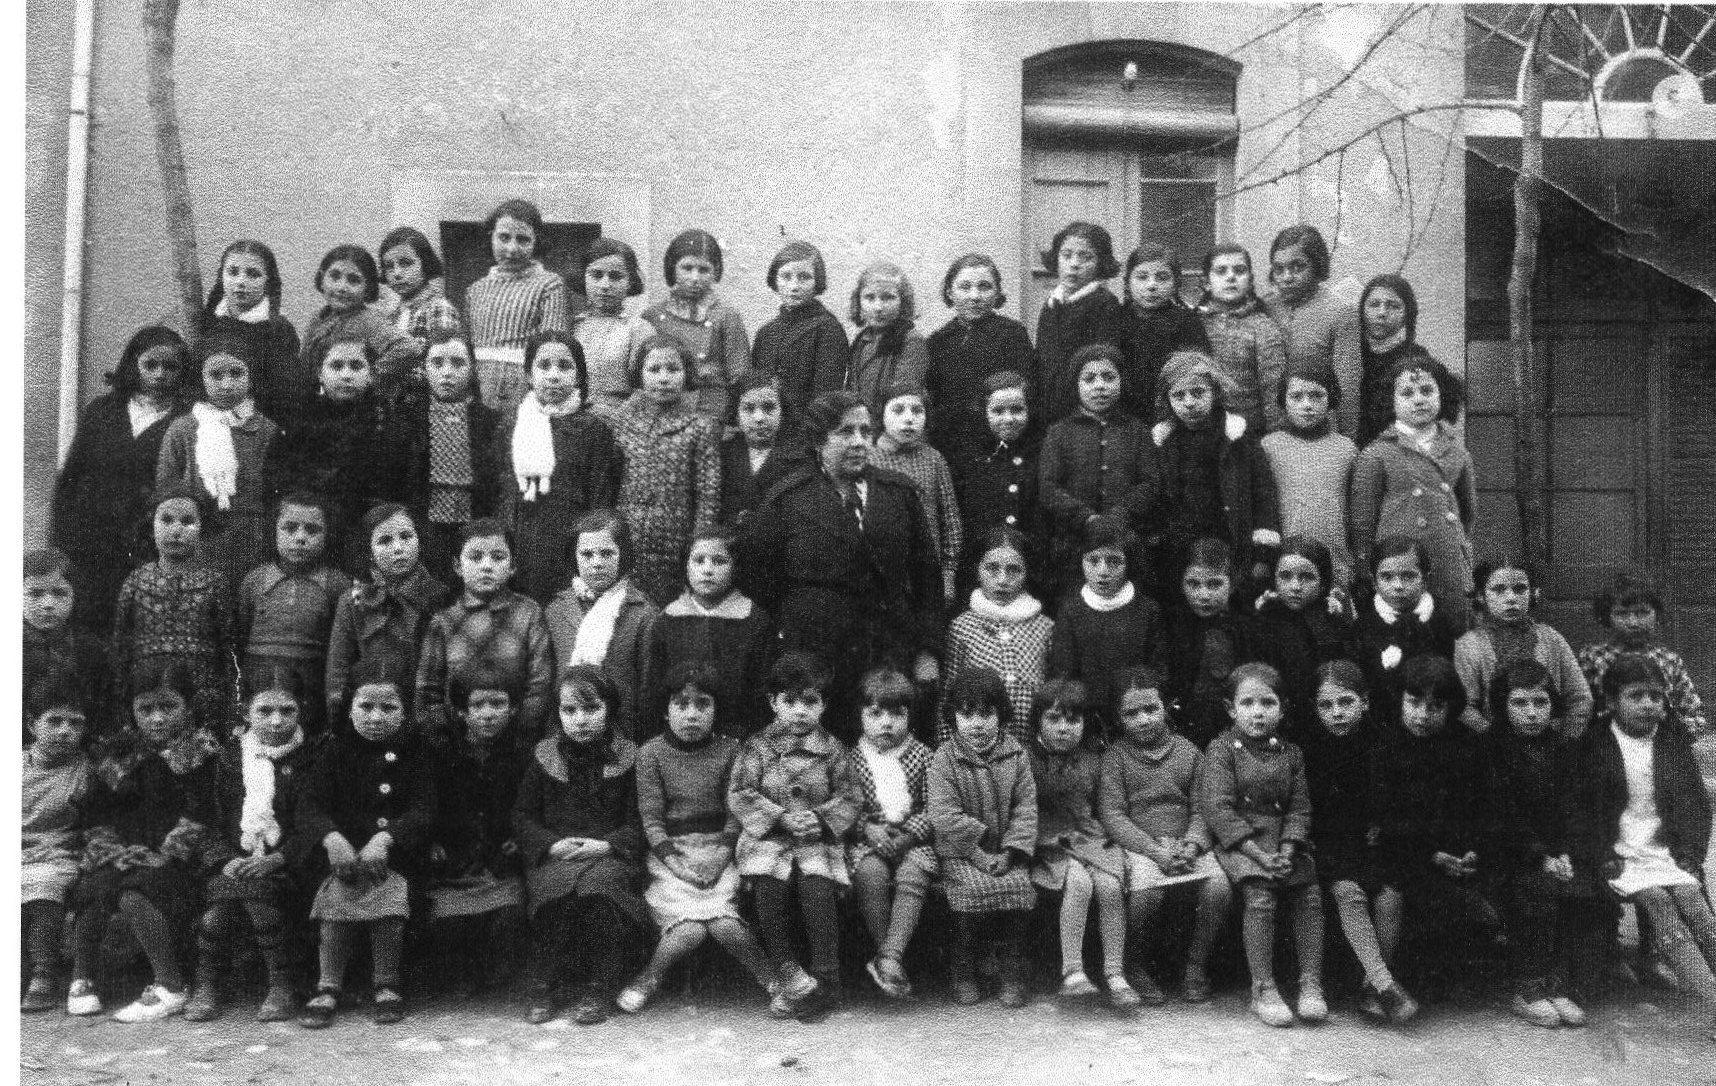 Nens escola davant de cal benetó-1935-37-ASSUMPCIÓ FONT (1)